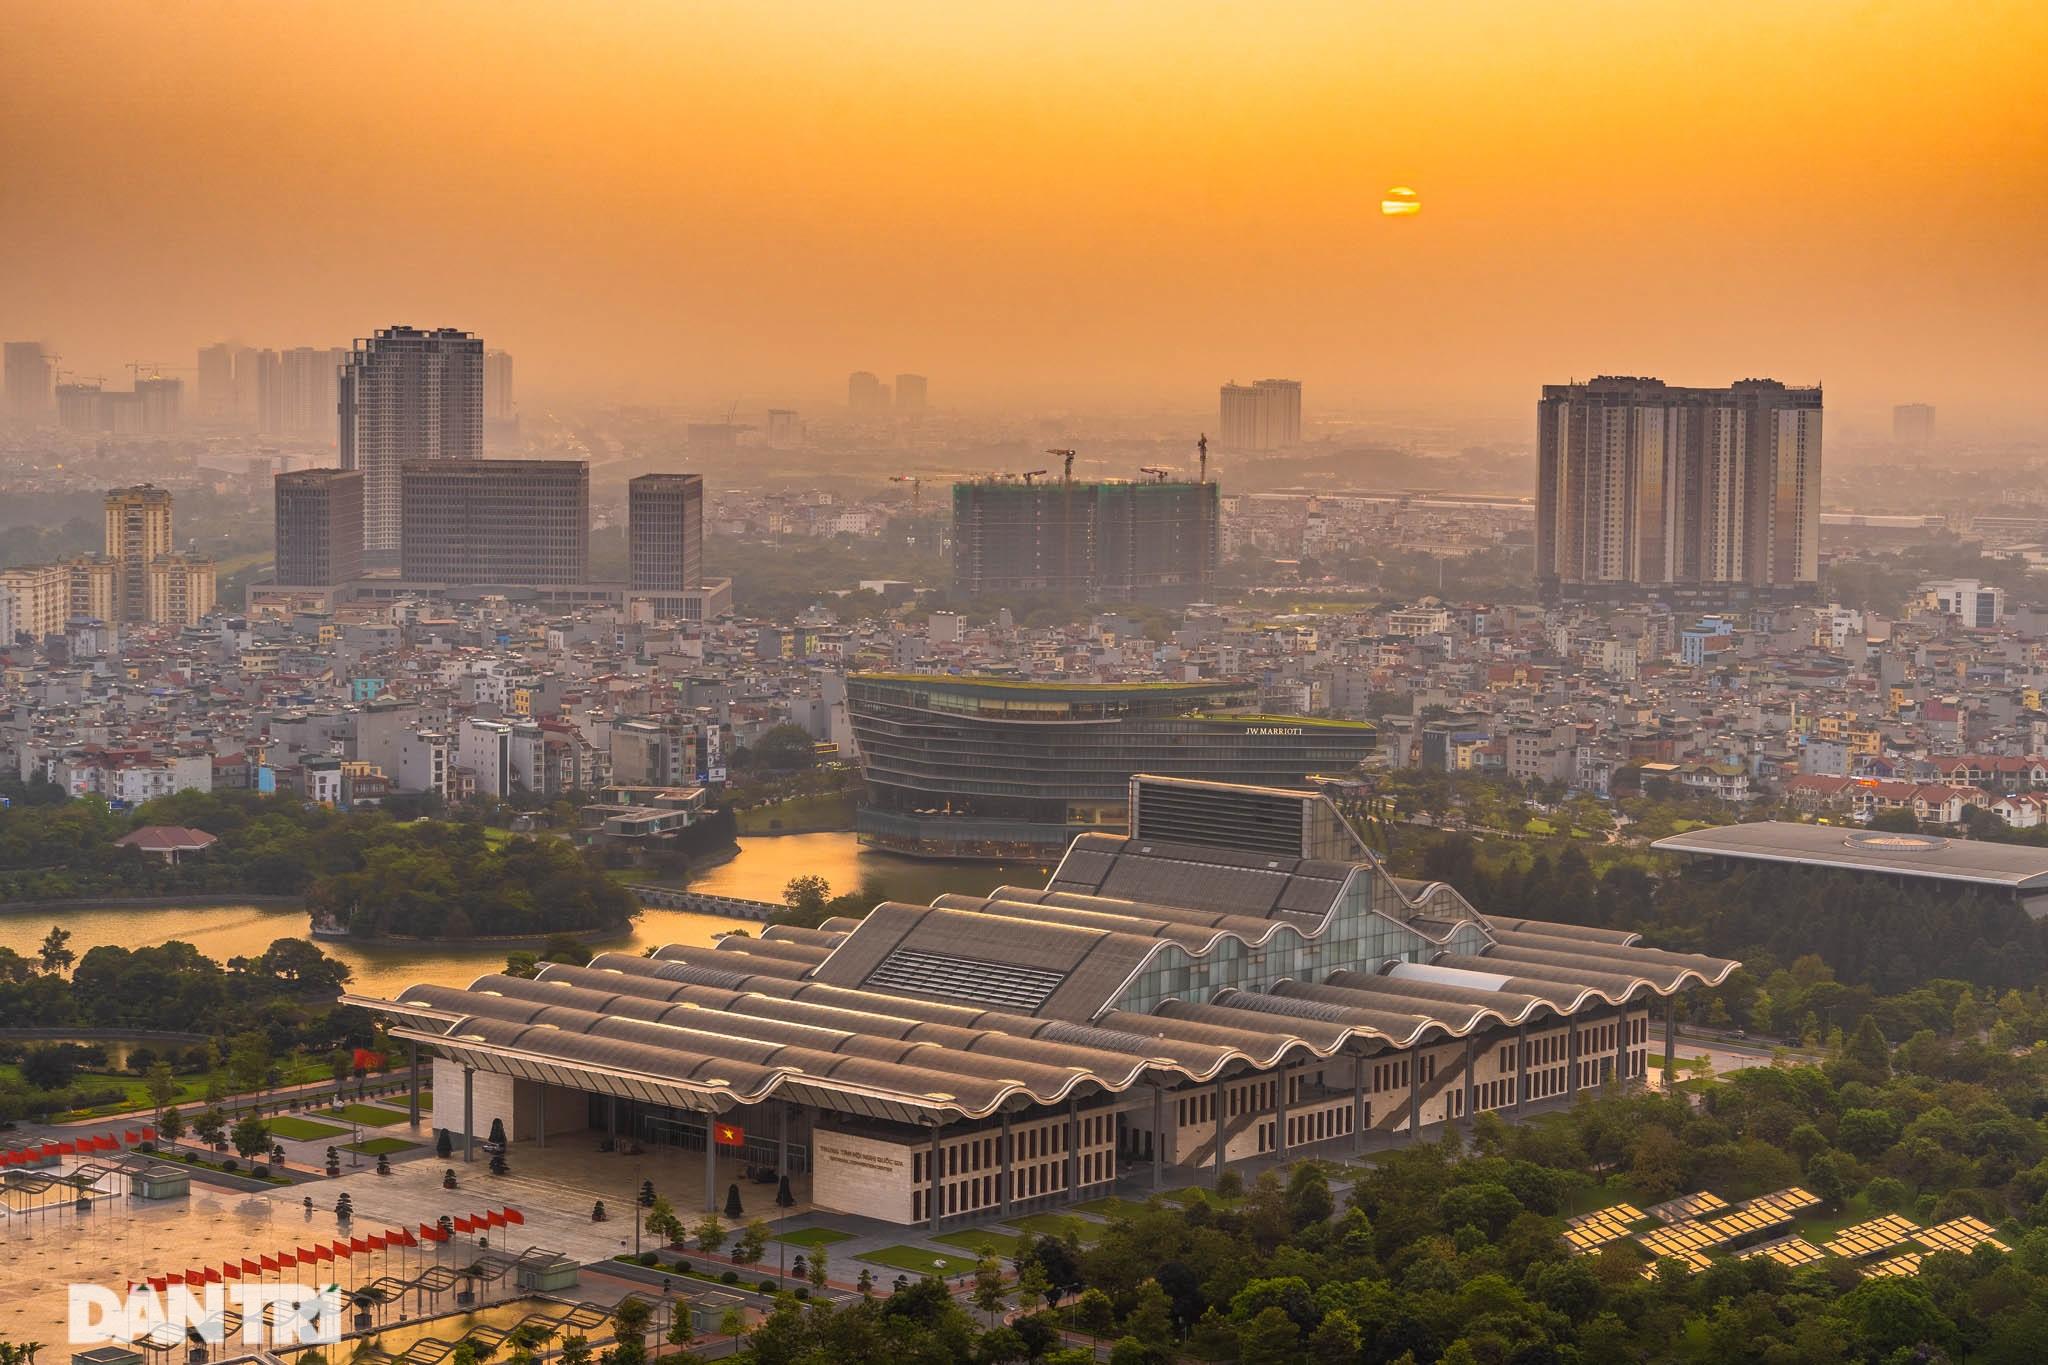 Vẻ đẹp của một Hà Nội hiện đại, sôi động nhìn từ trong mây - 6